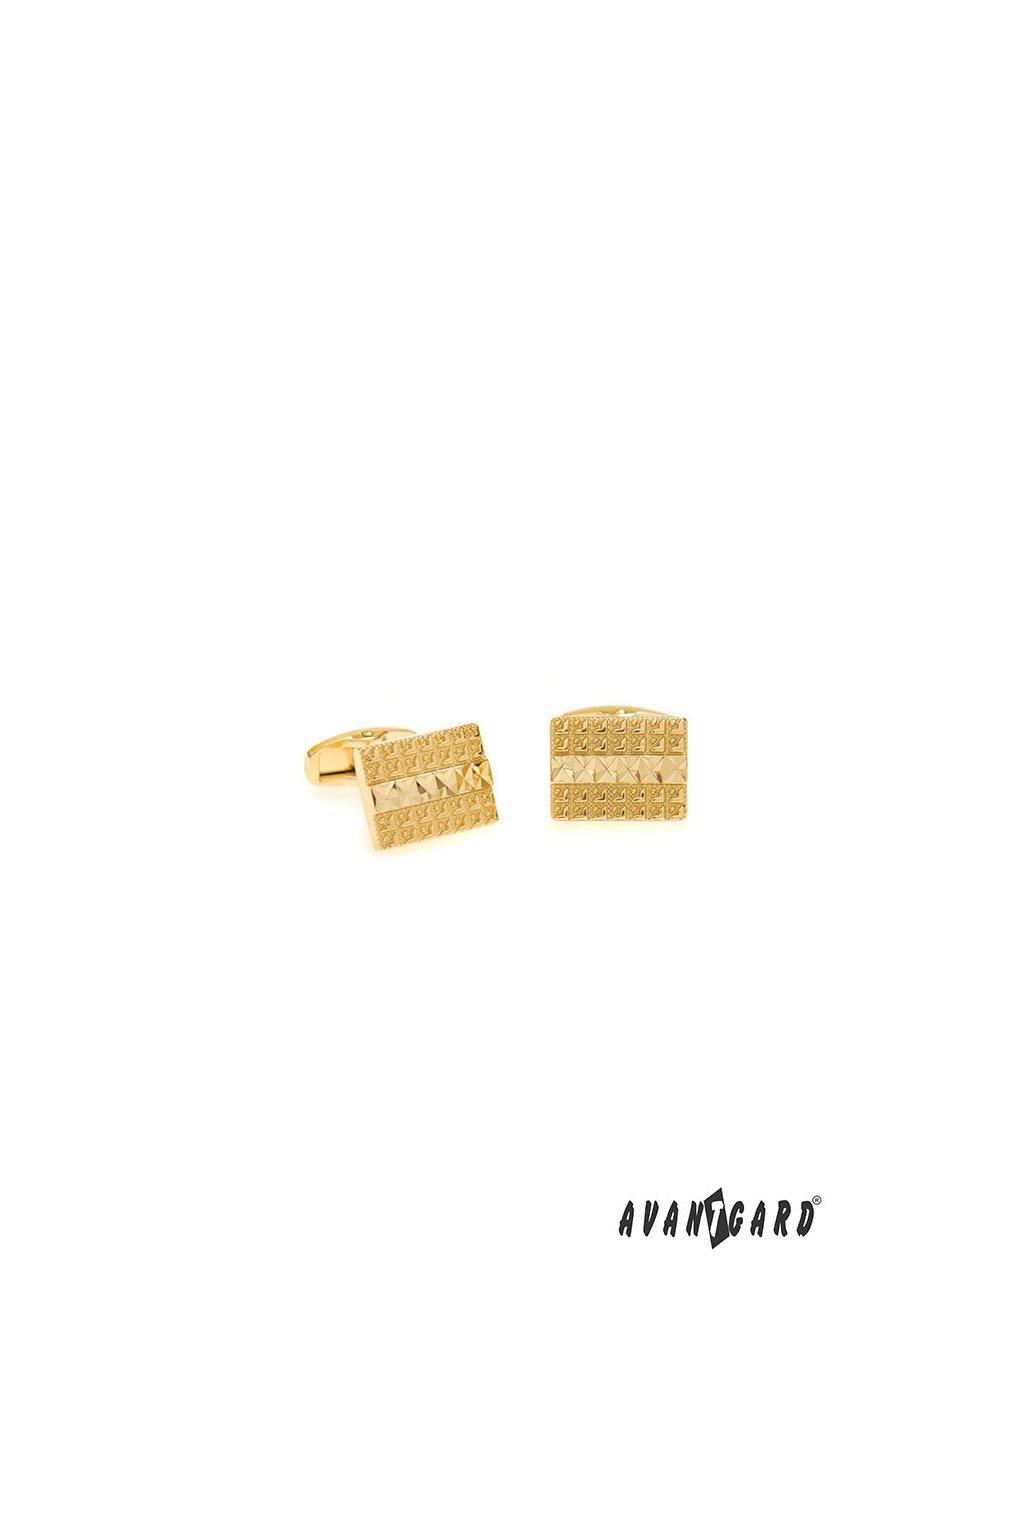 Manžetové knoflíčky PREMIUM zlatá lesk 573 - 10073